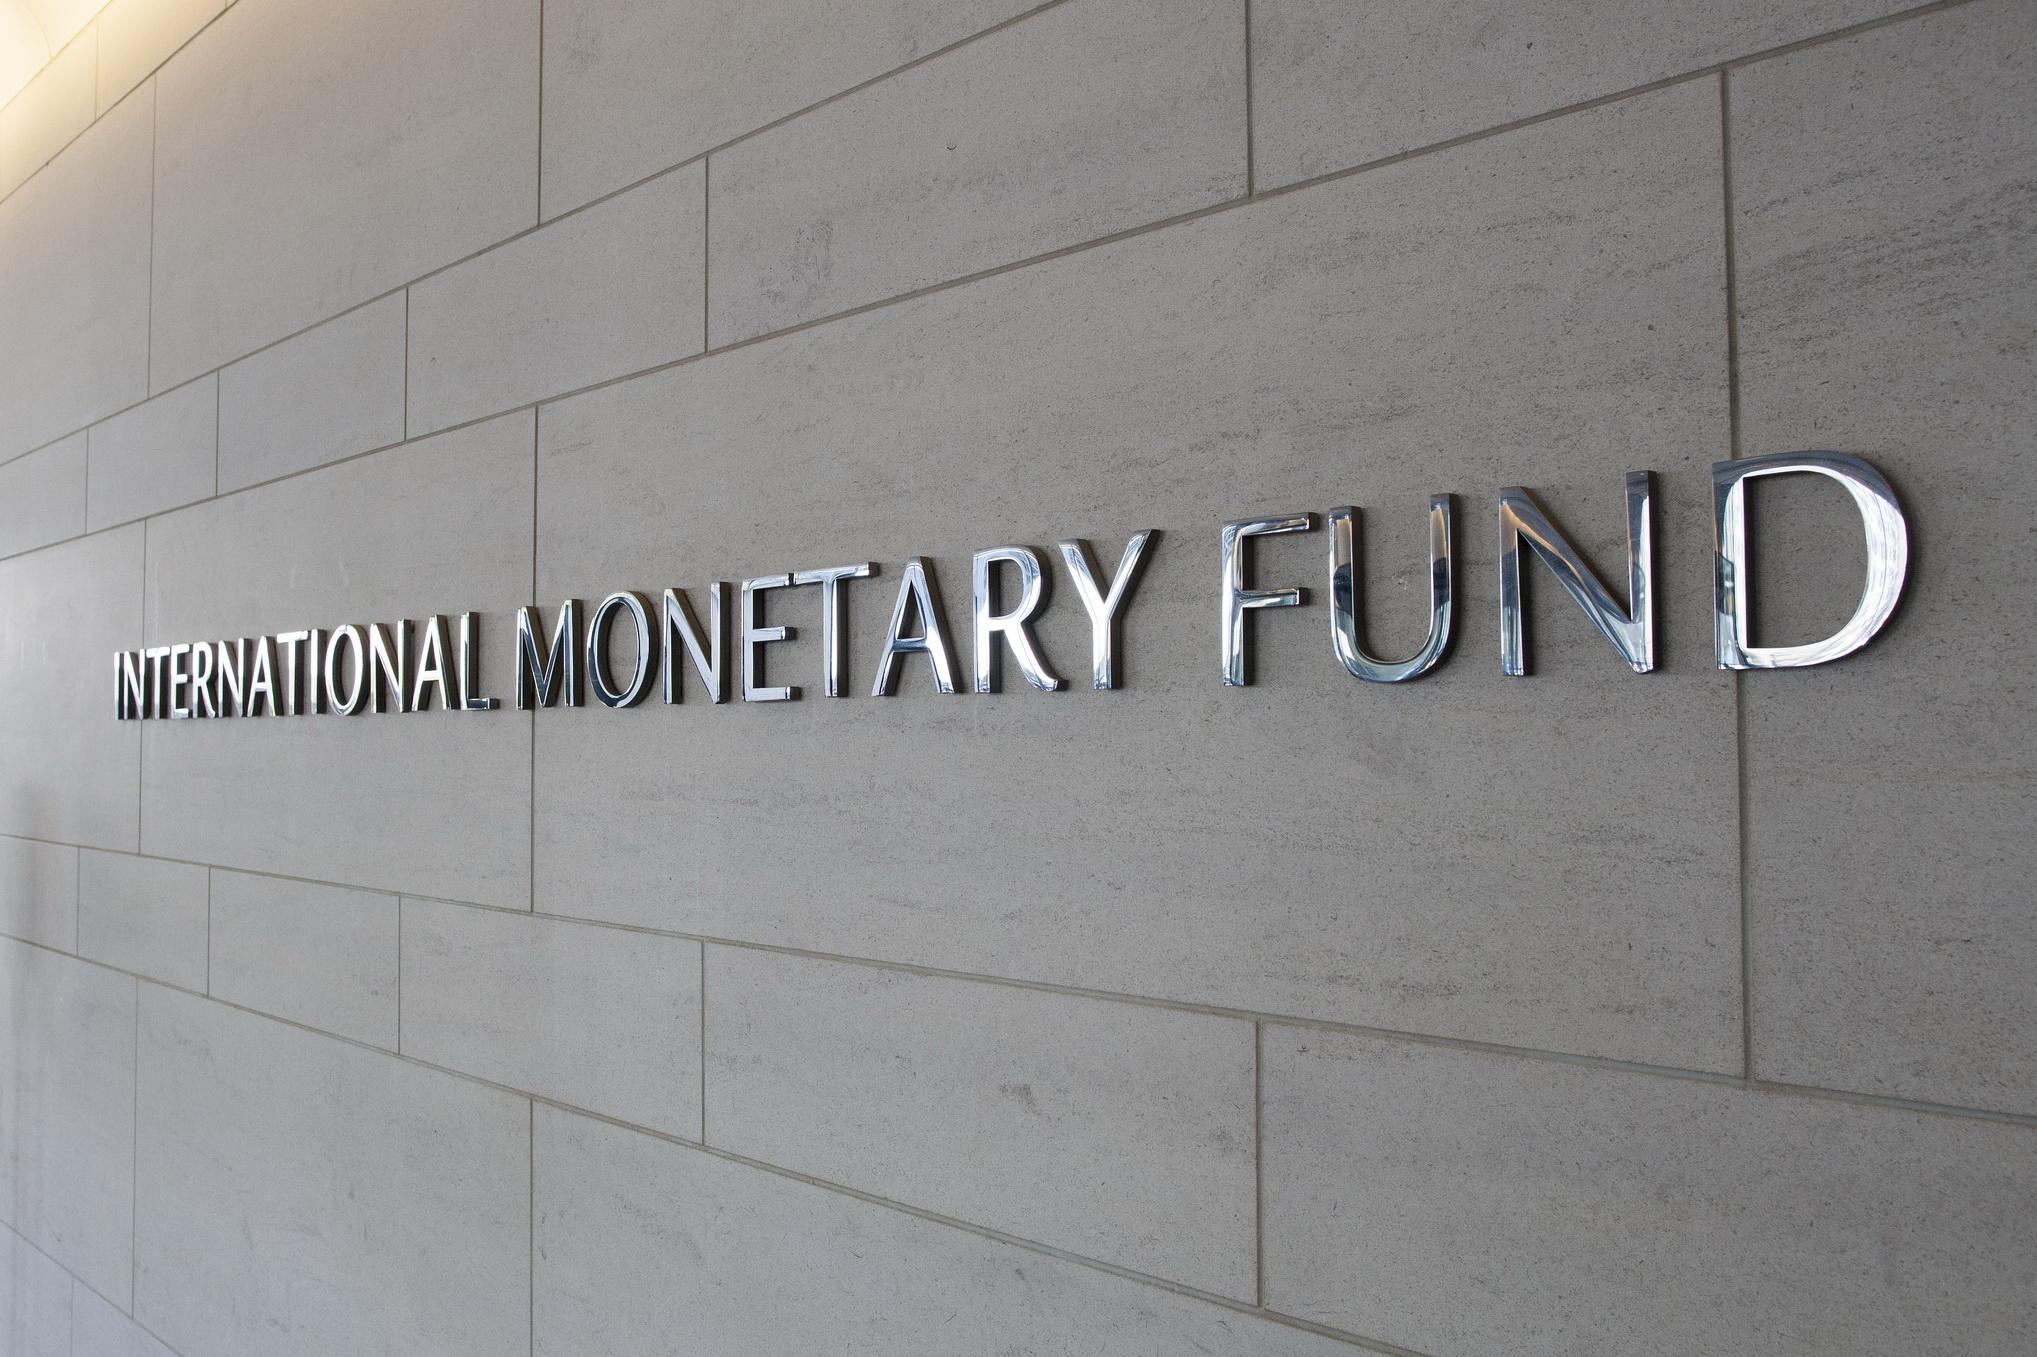 Меморандум з МВФ: За що Україна отримала мільярд доларів?